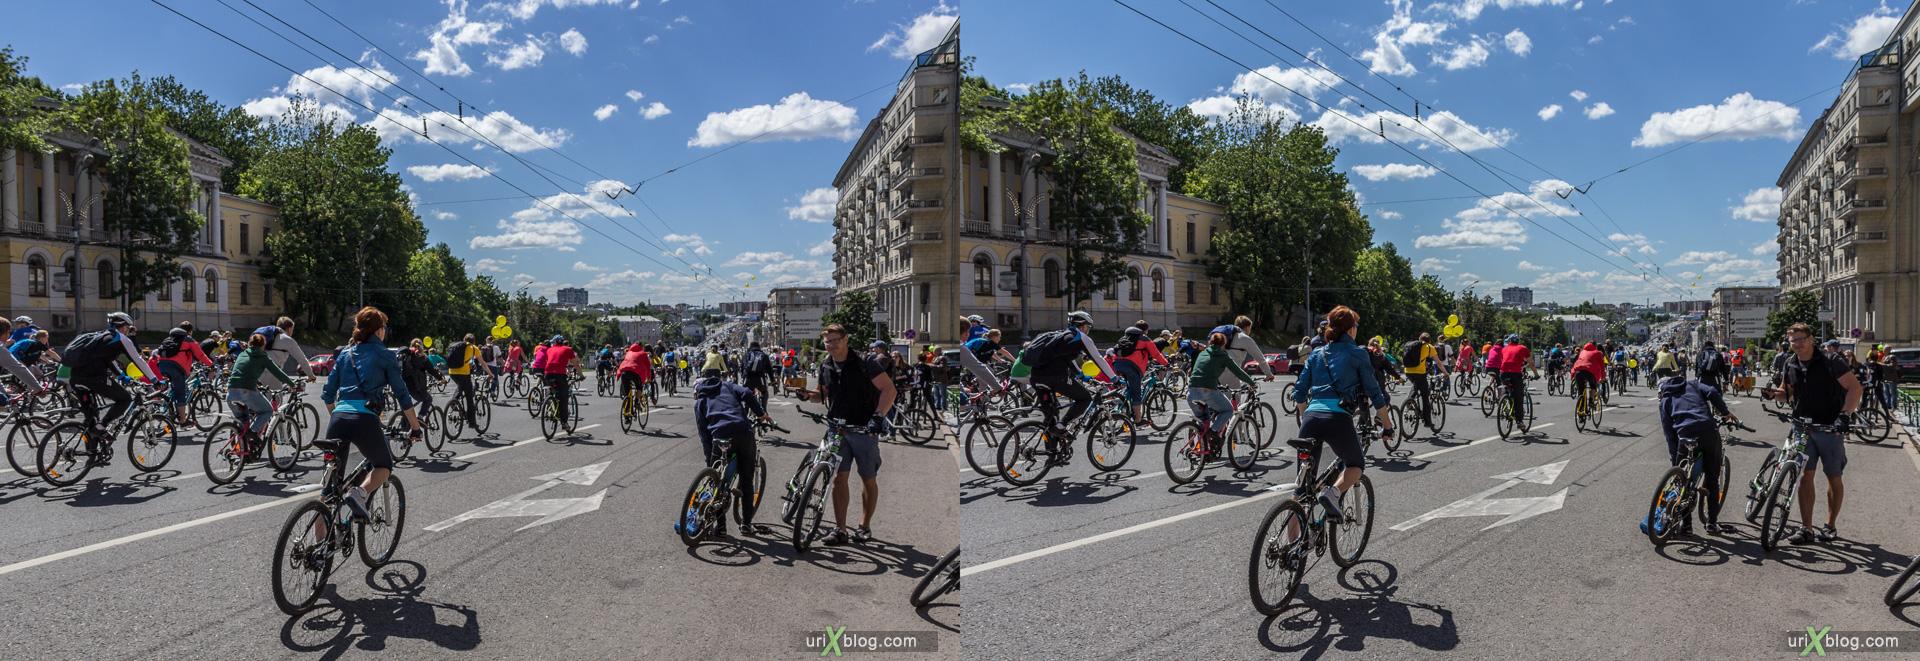 2014, велопарад, Москва, Россия, Садовое кольцо, Яуза, лето, июнь, велосипеды, 3D, перекрёстная стереопара, стерео, стереопара